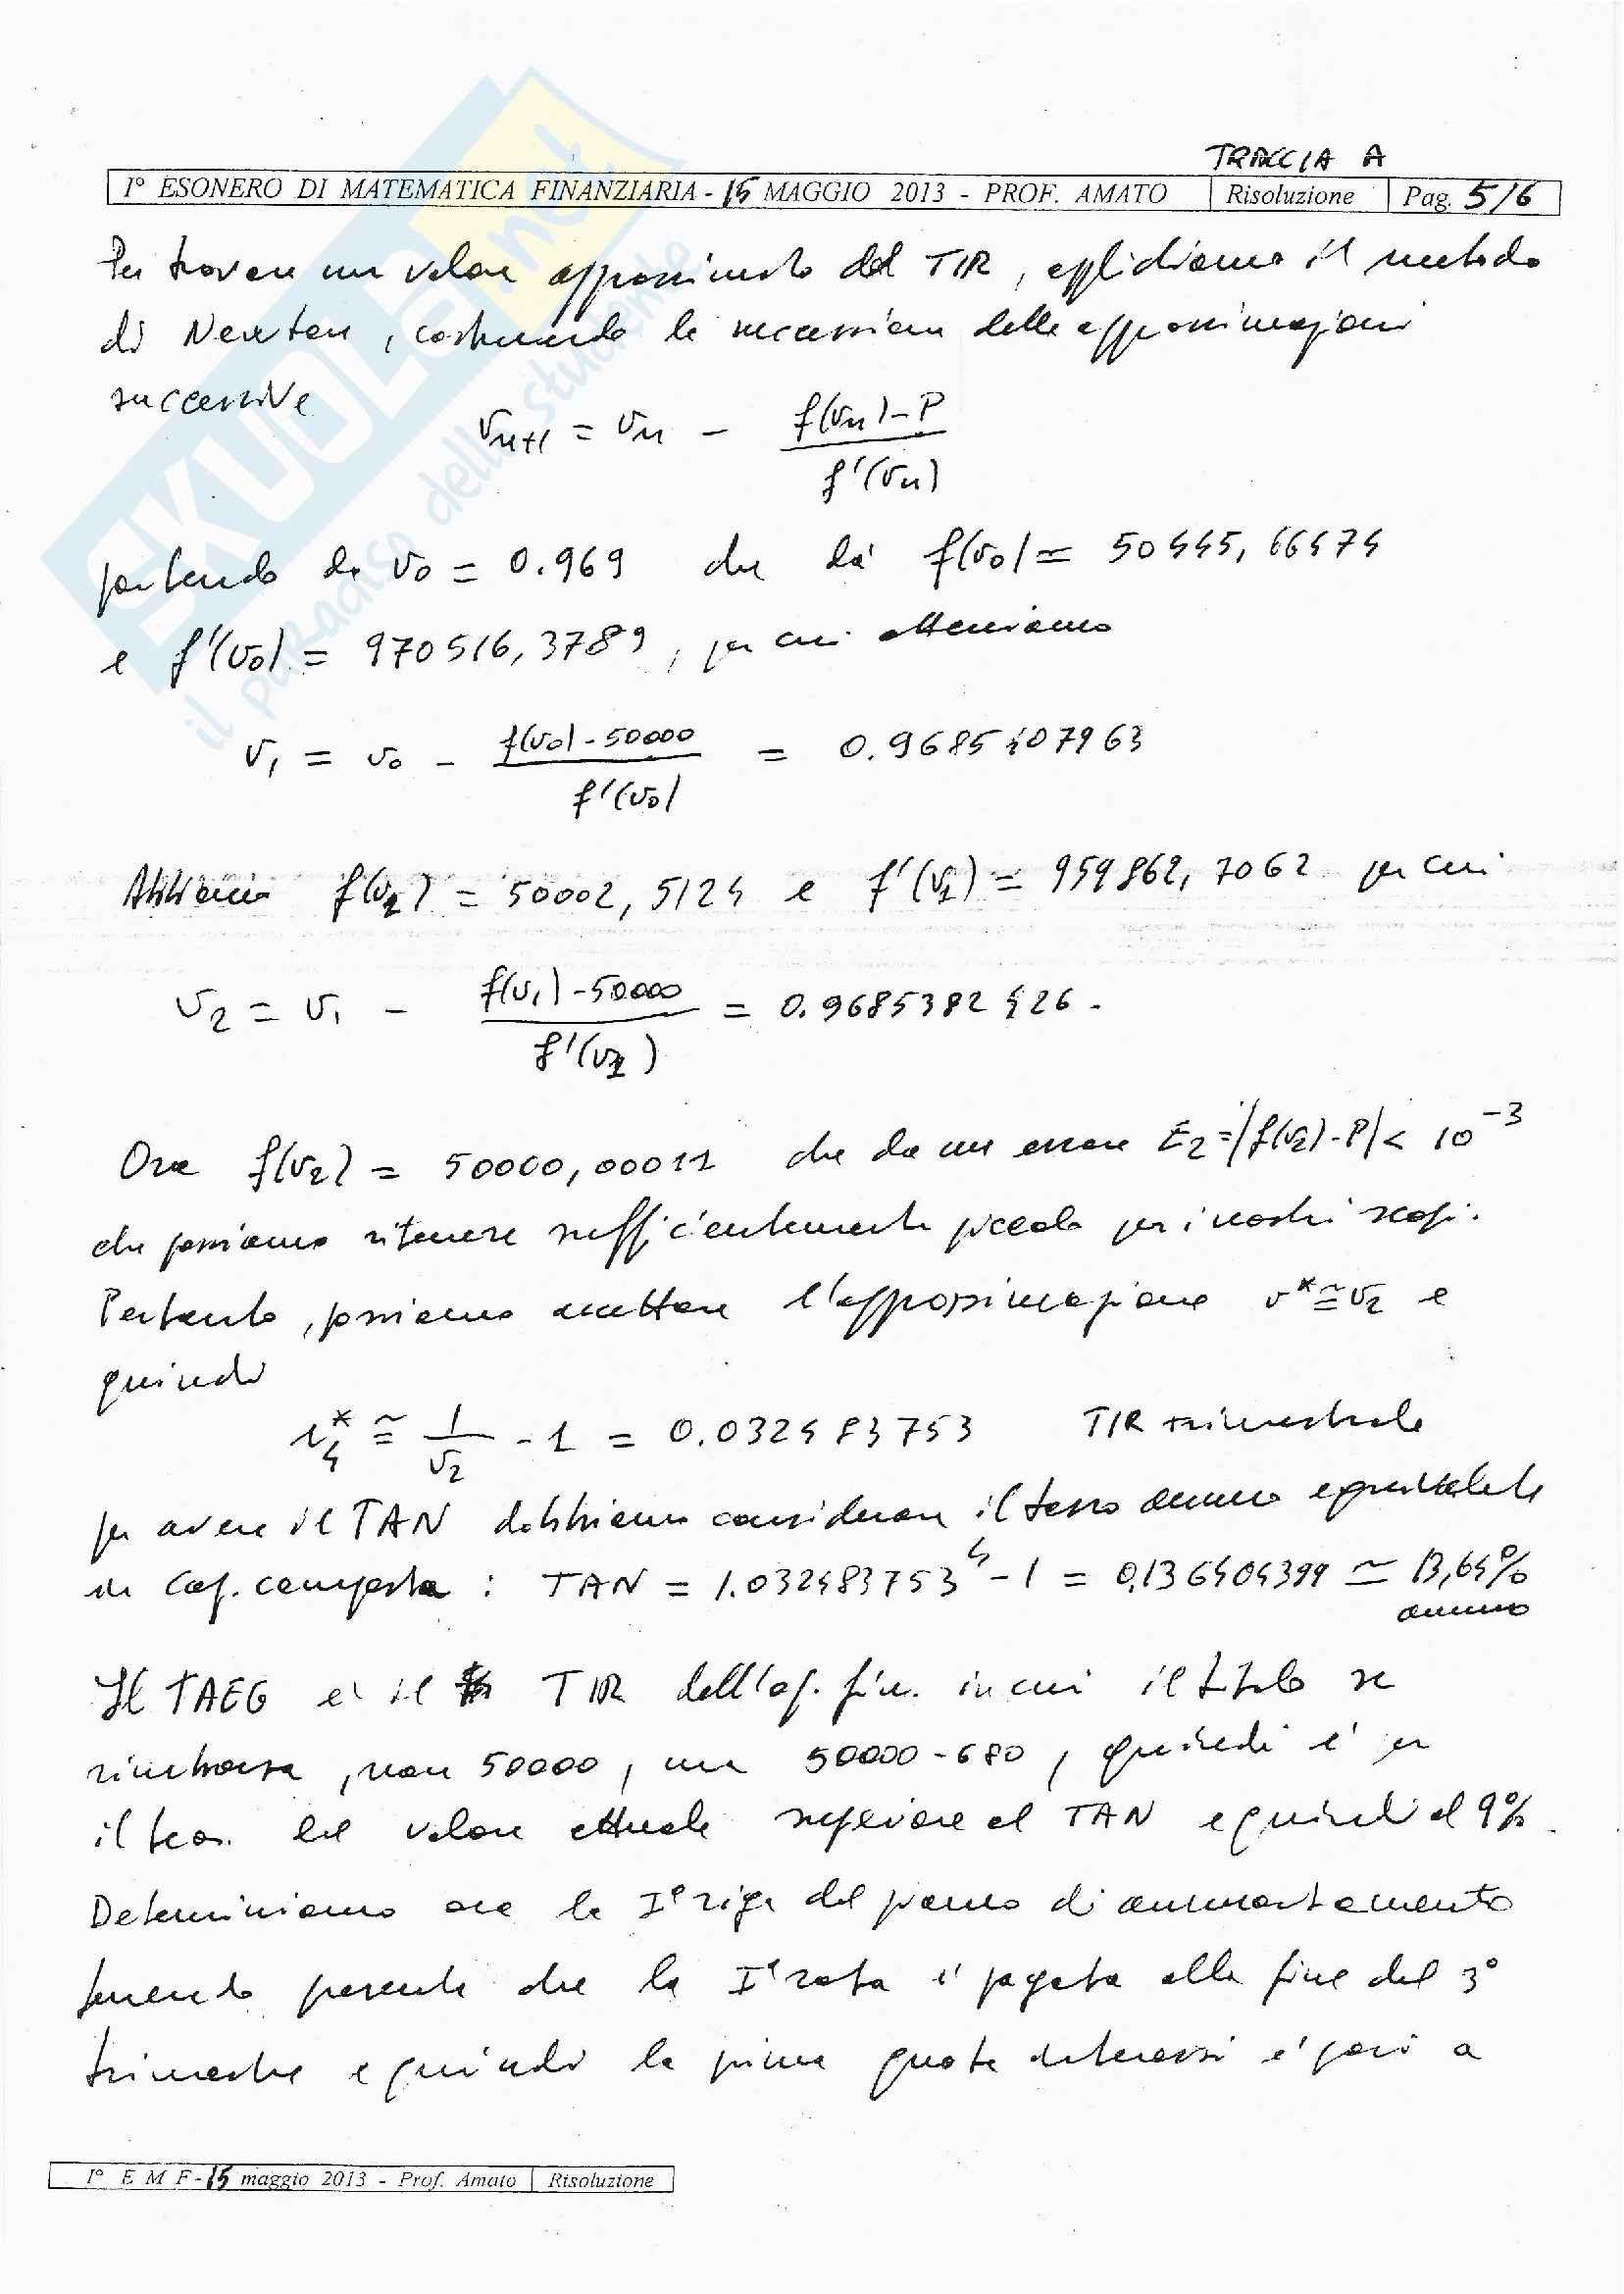 Matematica Finanziaria - esercizi svolti Pag. 6